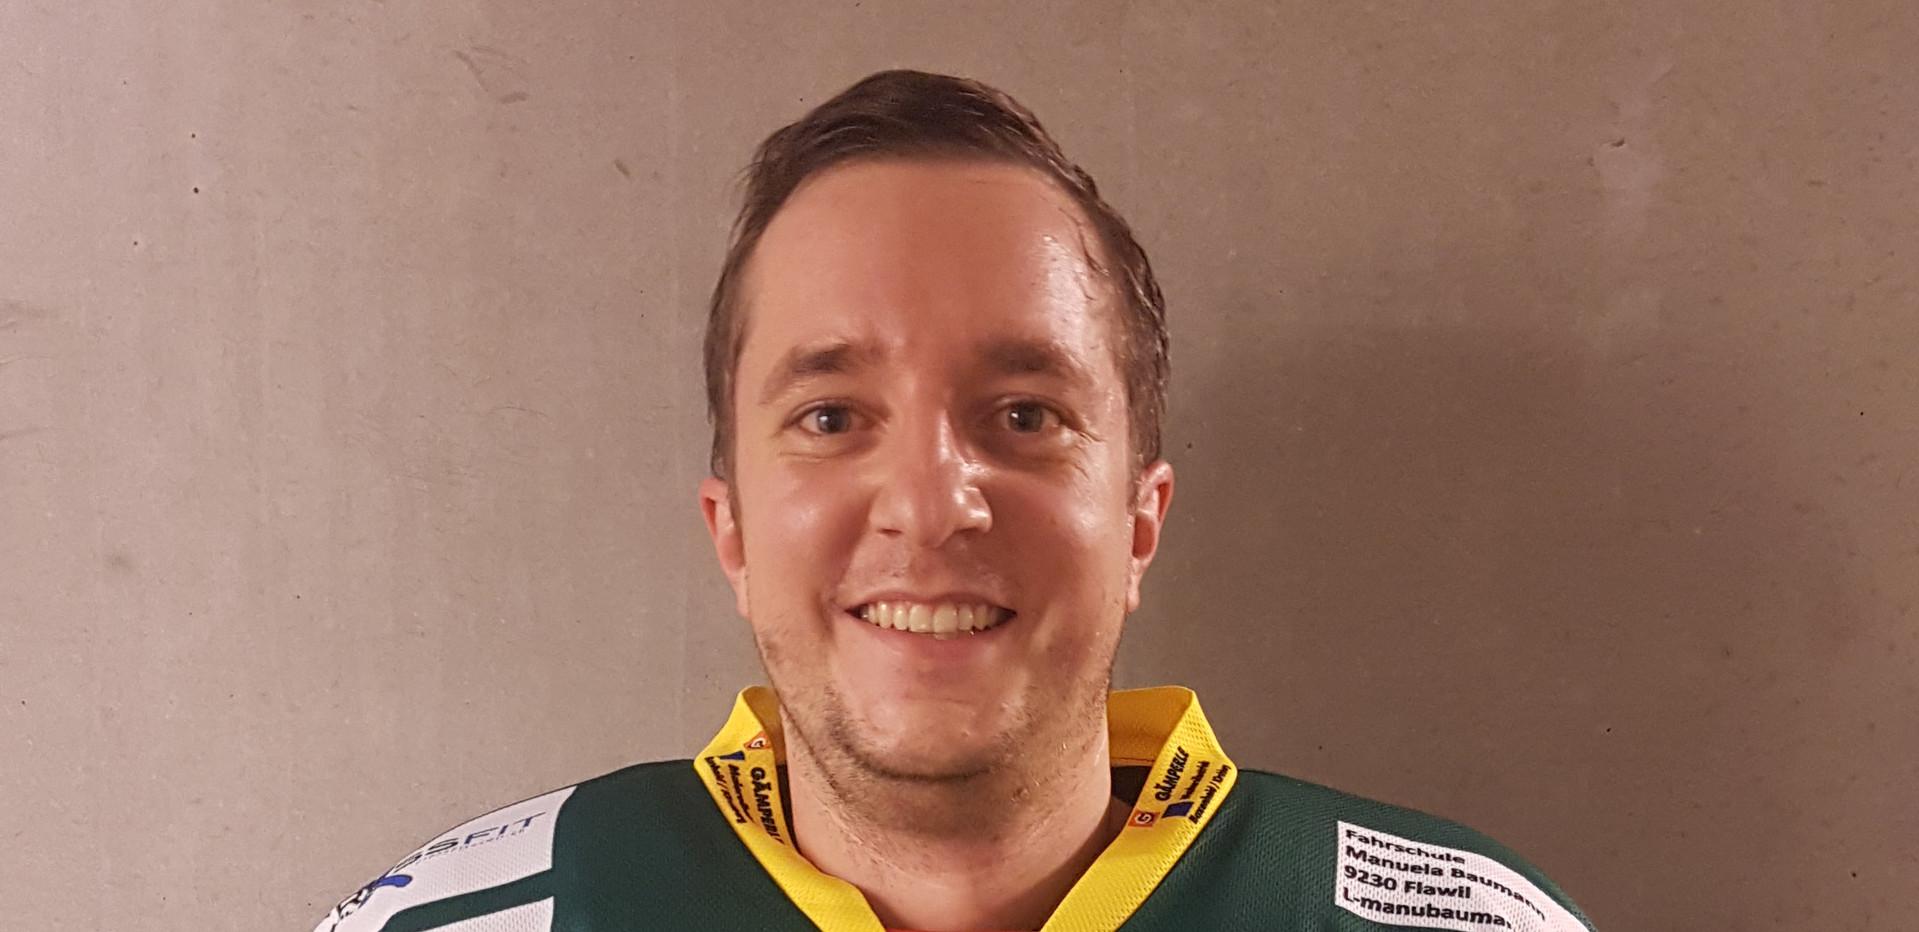 Samuel Zjörjen #2